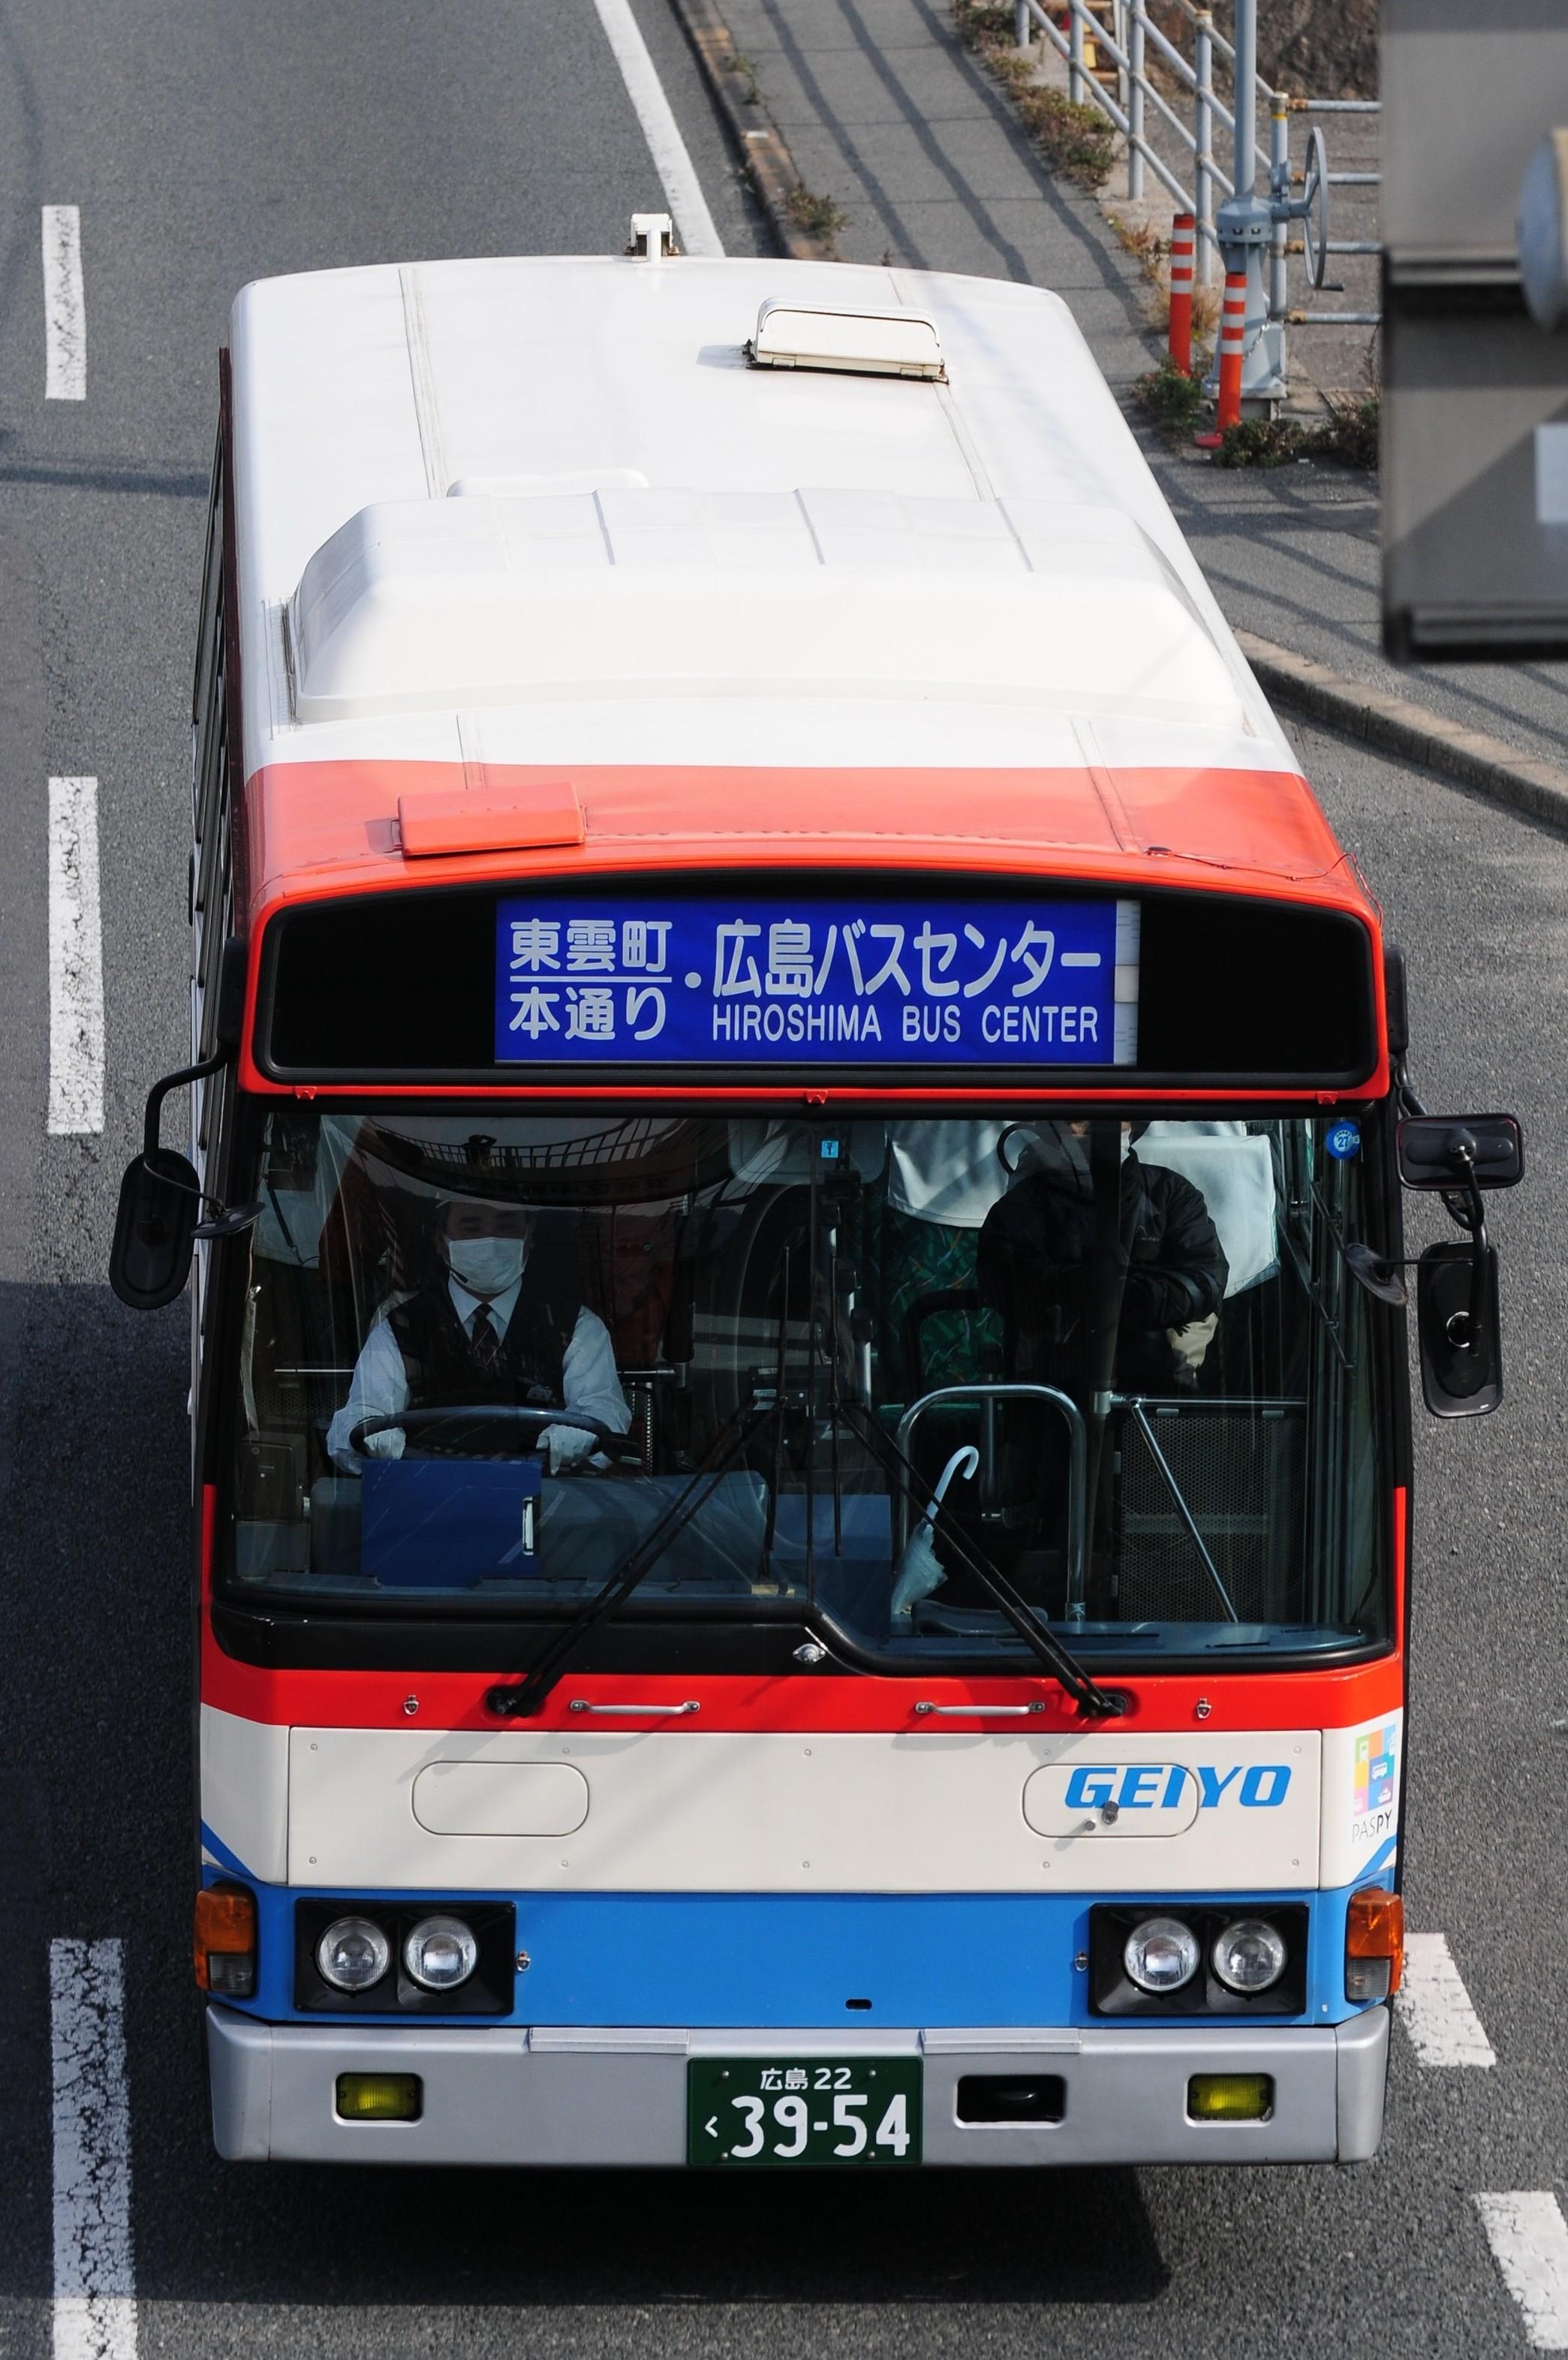 DSC_9742ed.jpg